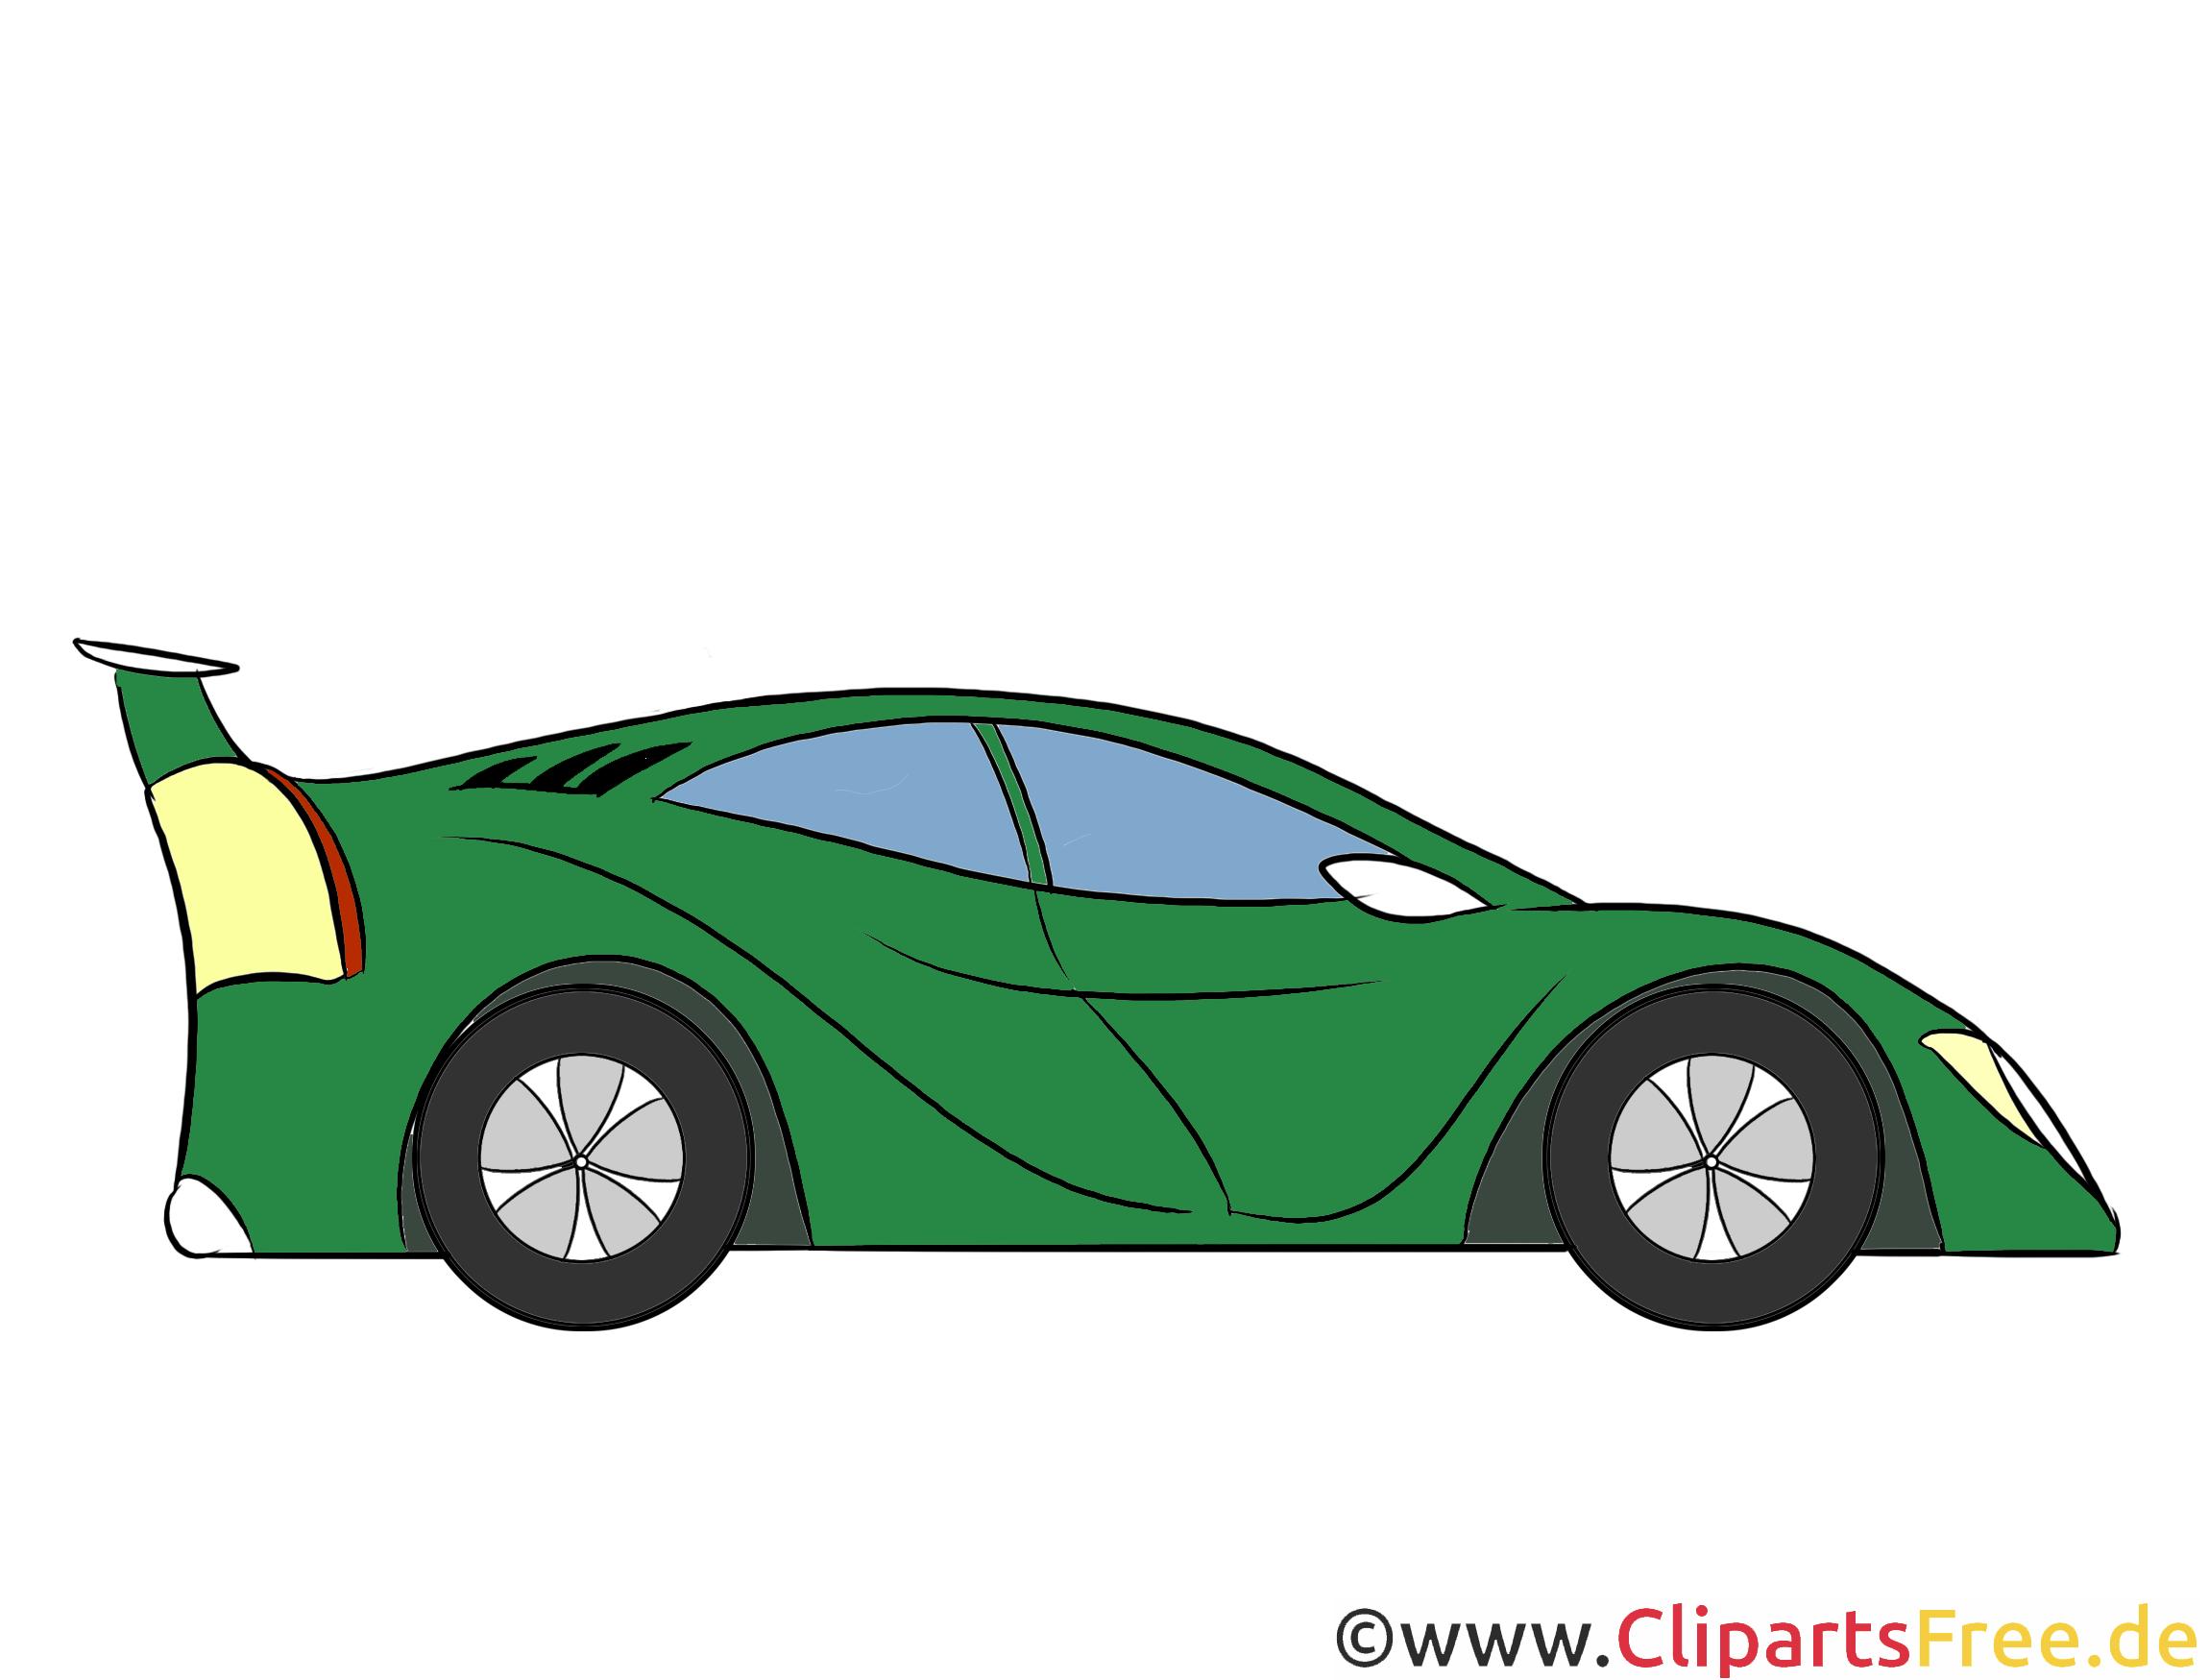 Sportwagen, Sport Auto Clipart, Illustration, Bild kostenlos